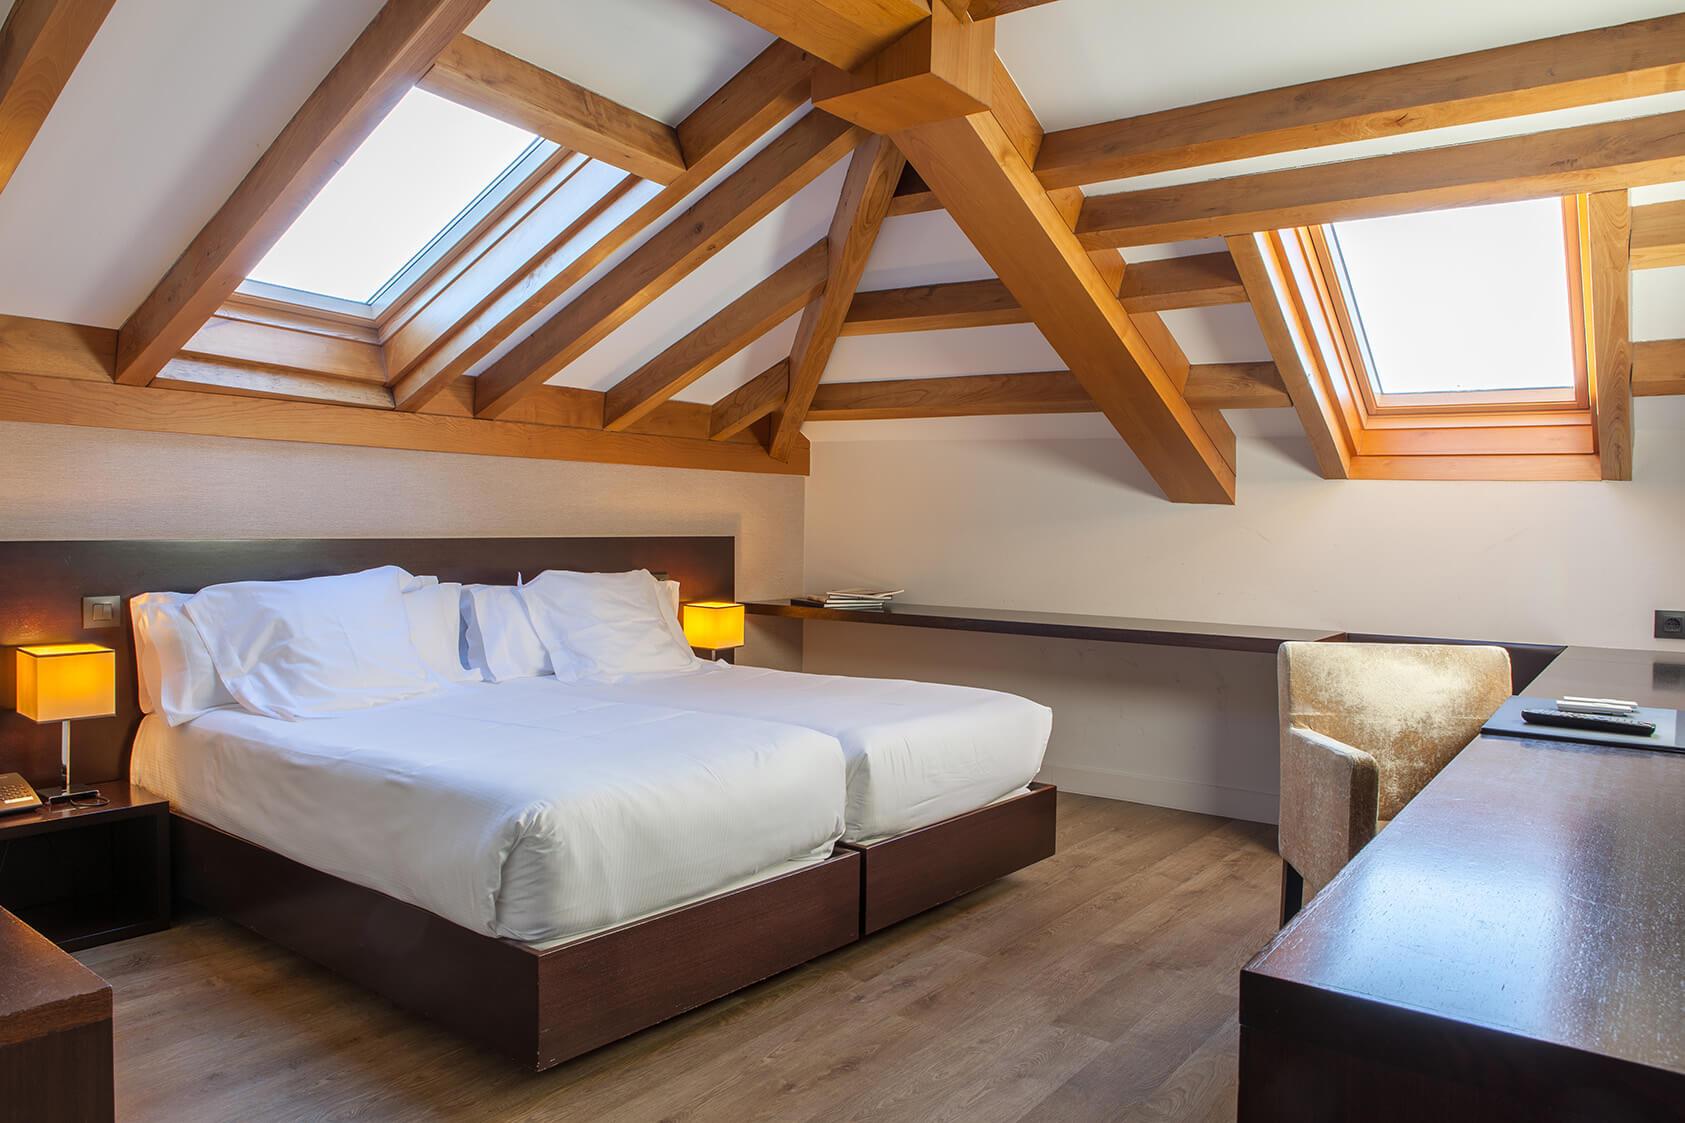 Hotel-sanmiguel-42